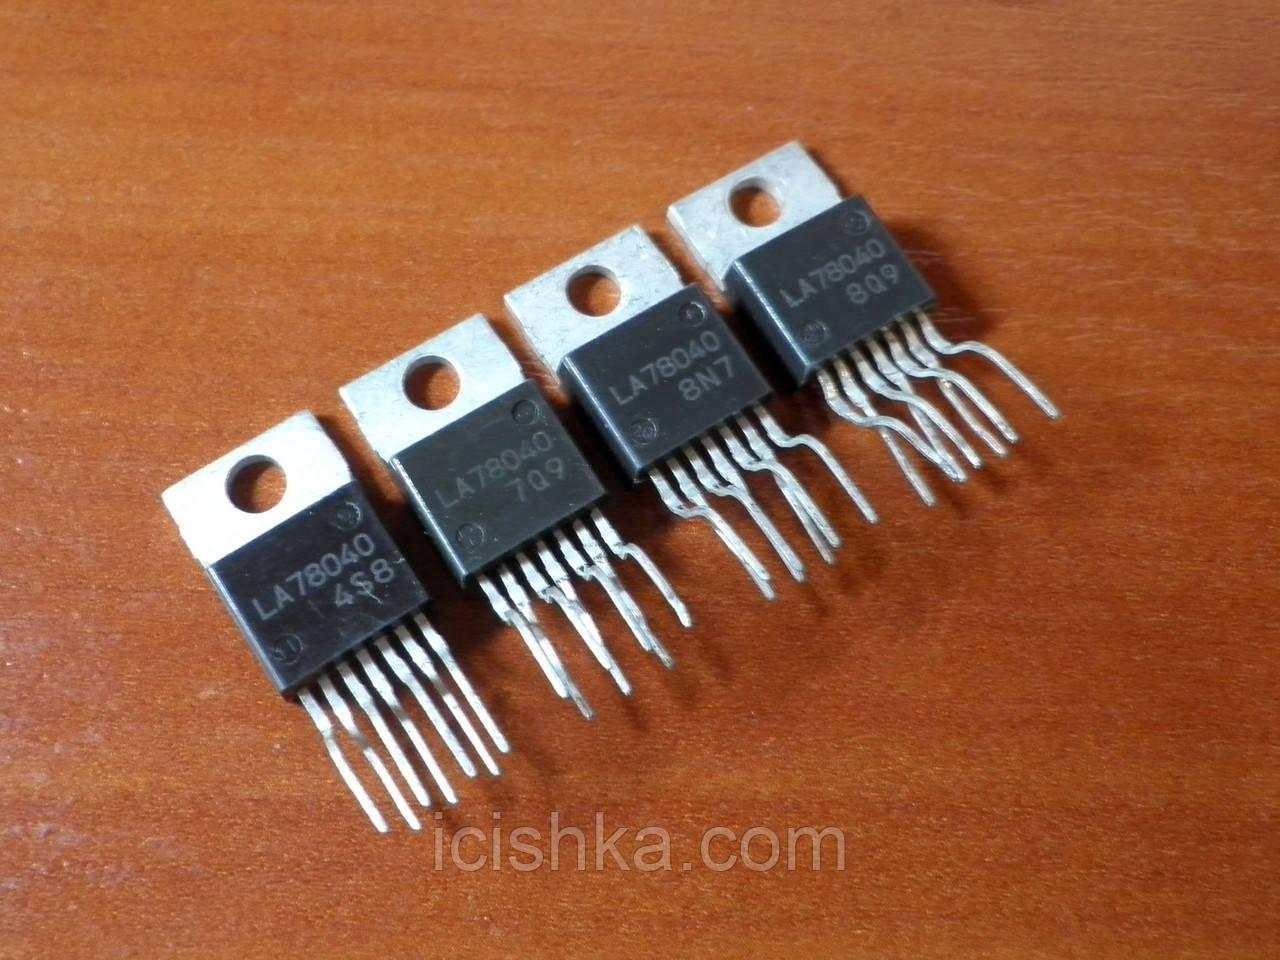 Микросхема кадровой развертки телевизора фото 297